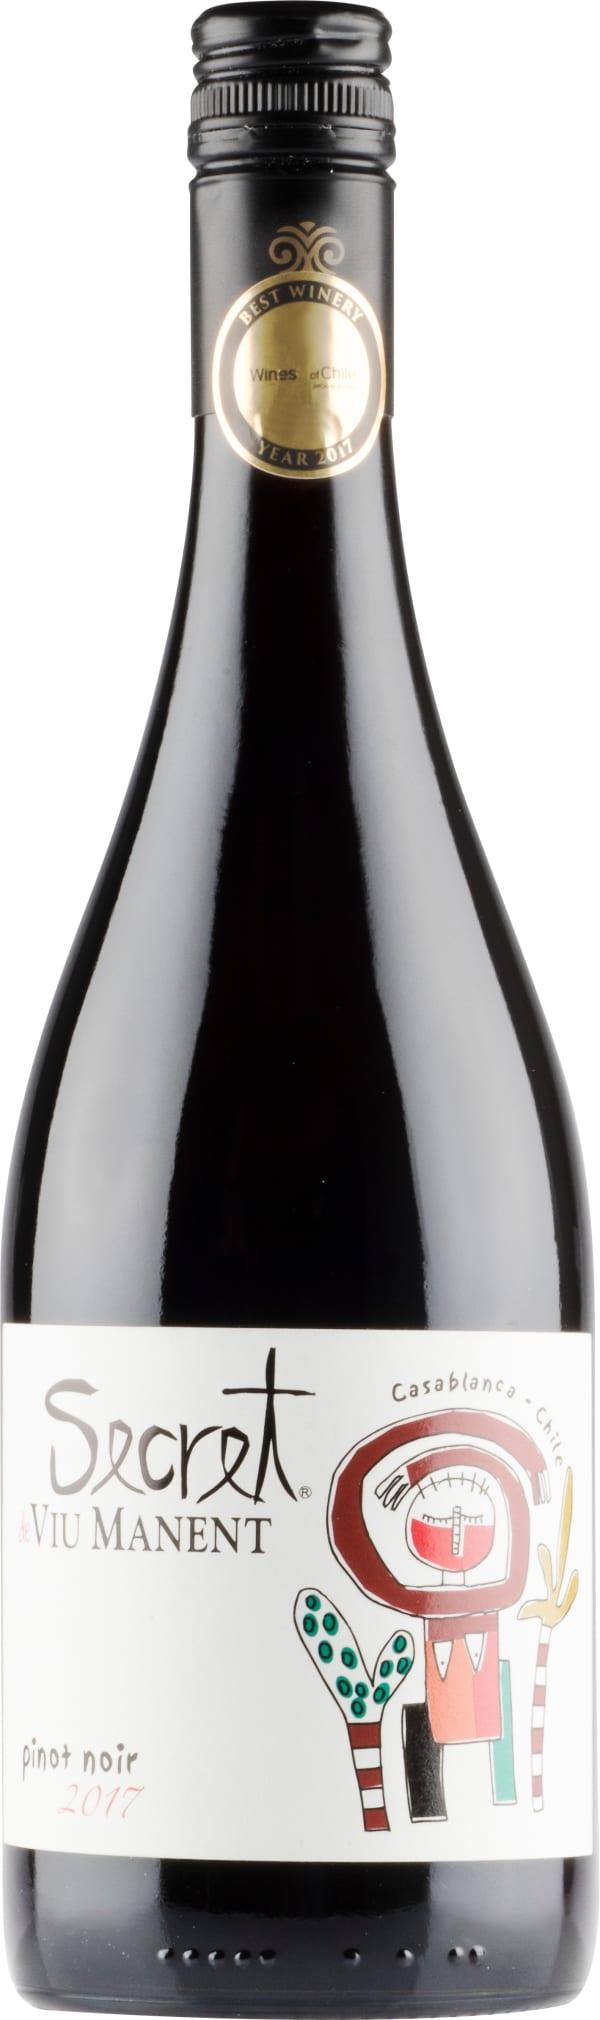 Viu Manent Secret Pinot Noir 2017